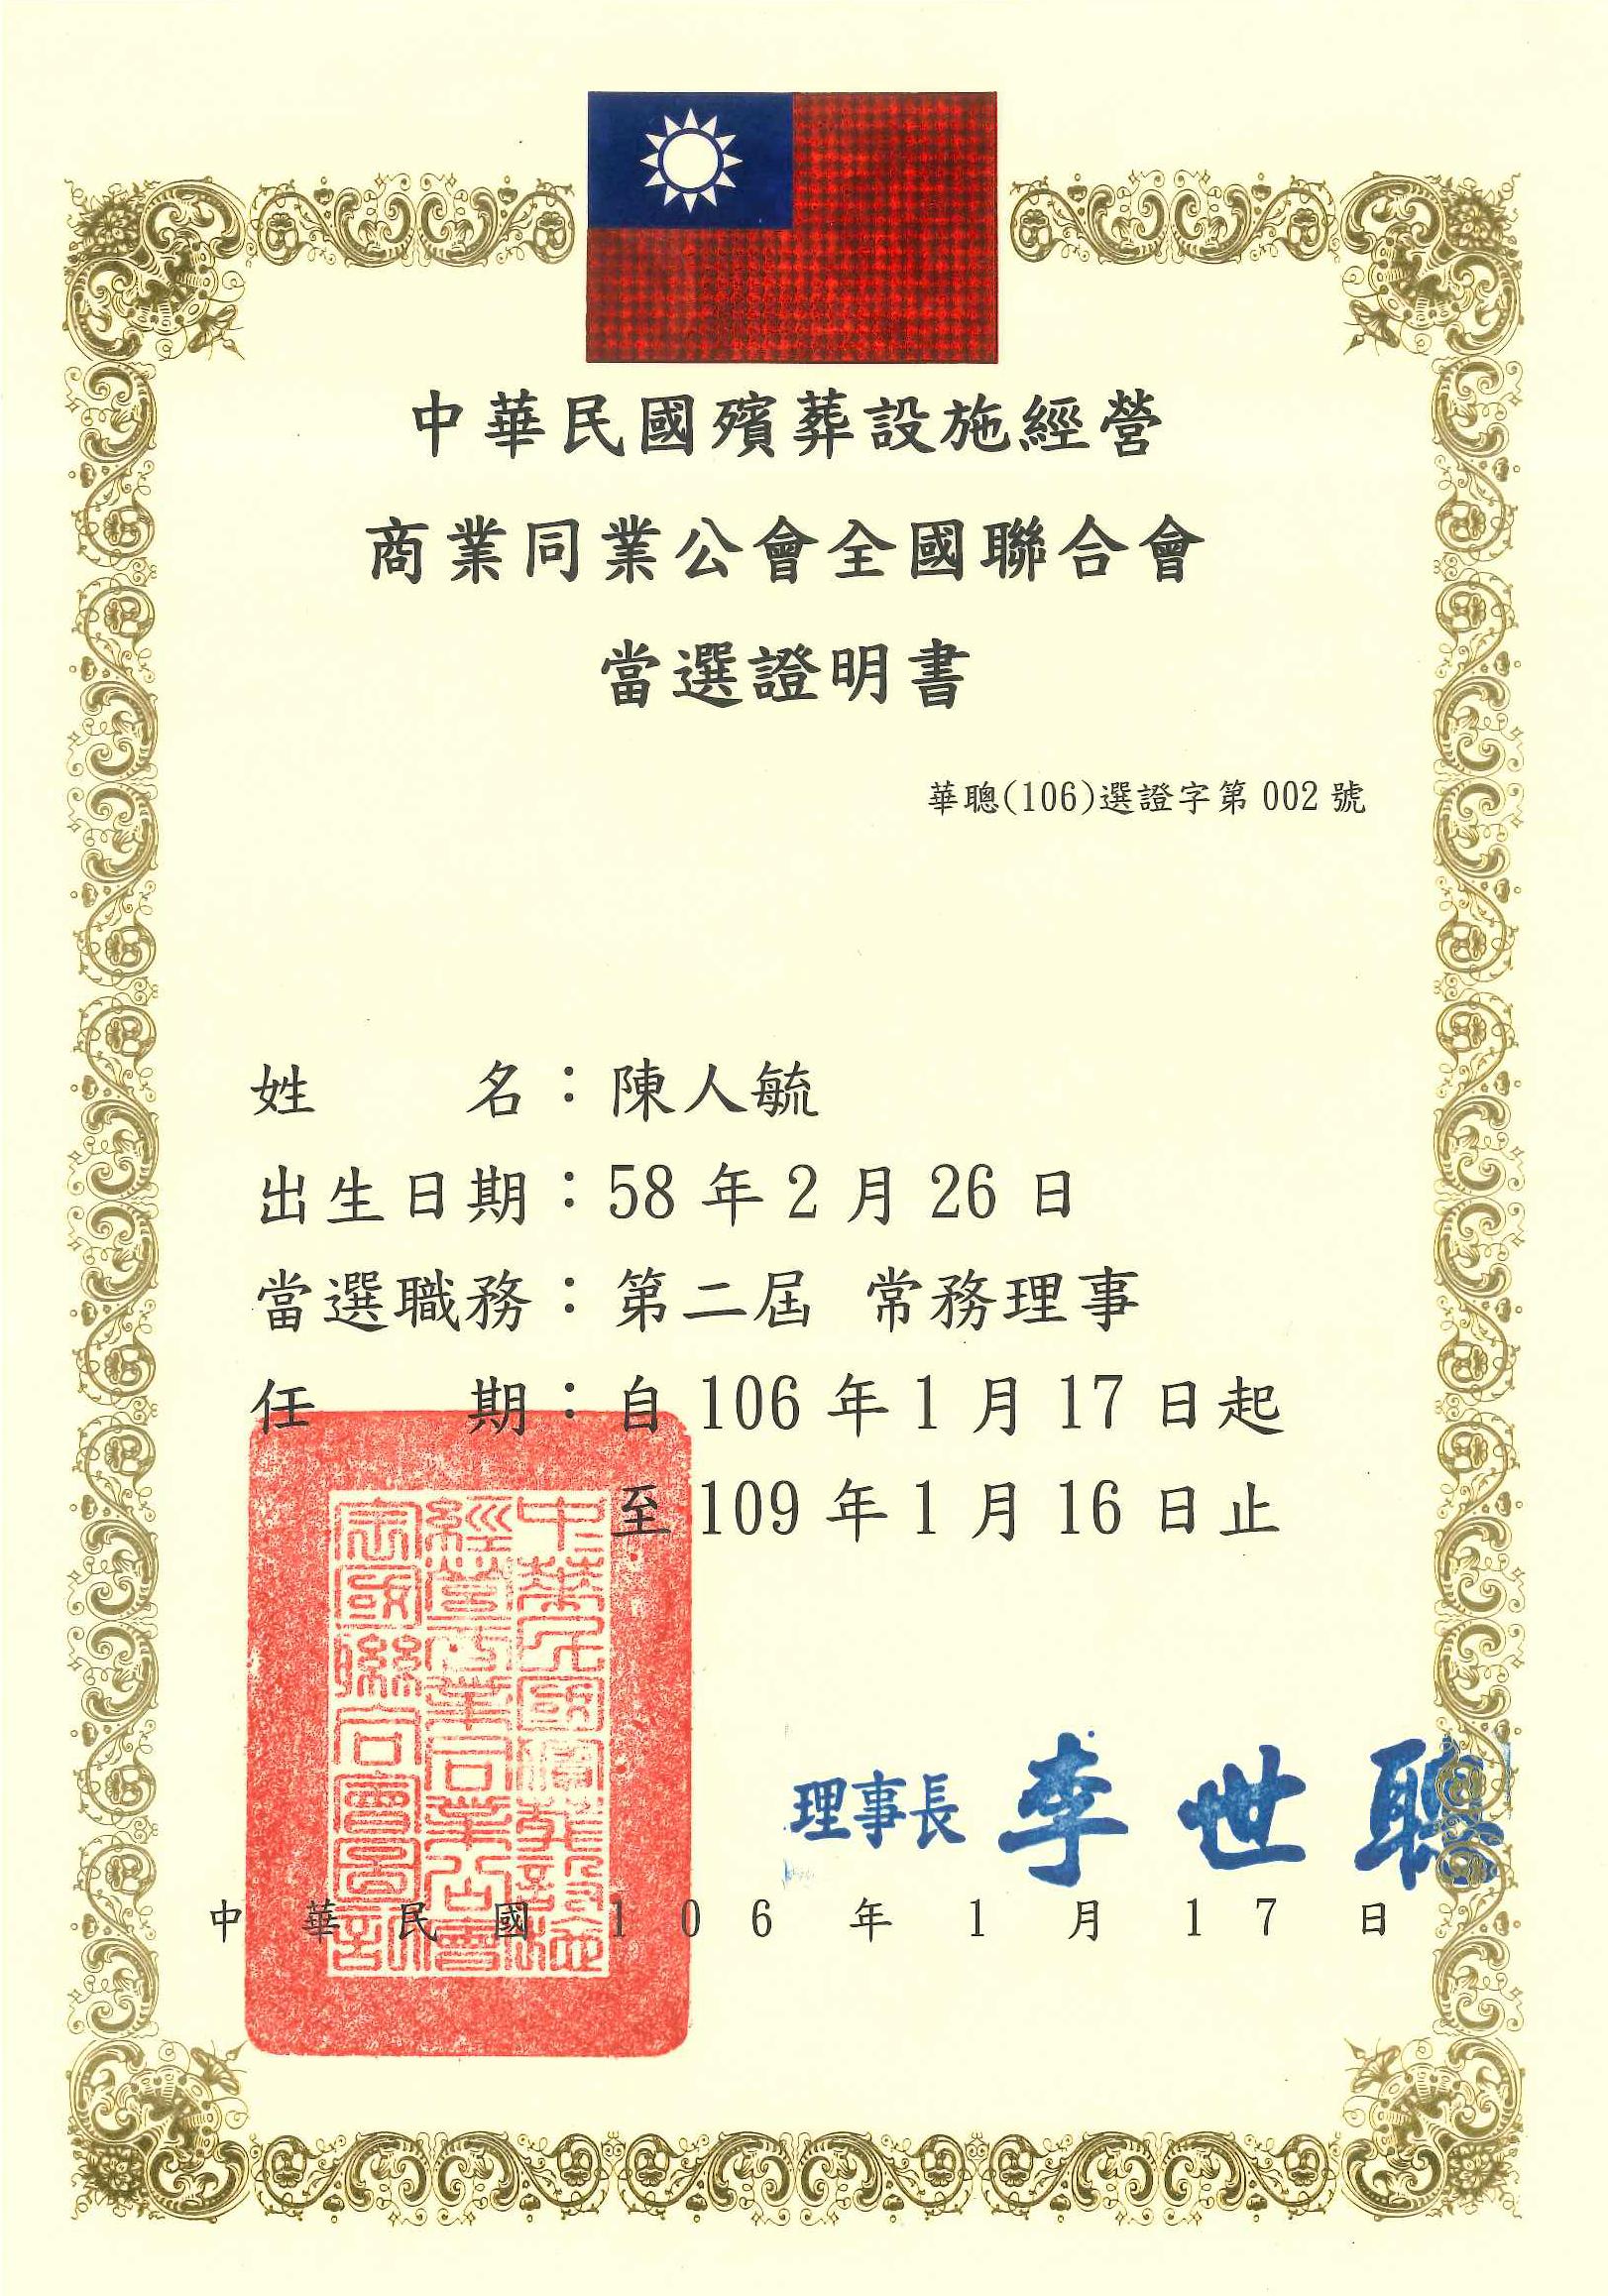 賀!本公司董事長當選中華民國殯葬設施經營商業同業公會全國聯合會第二屆常務理事